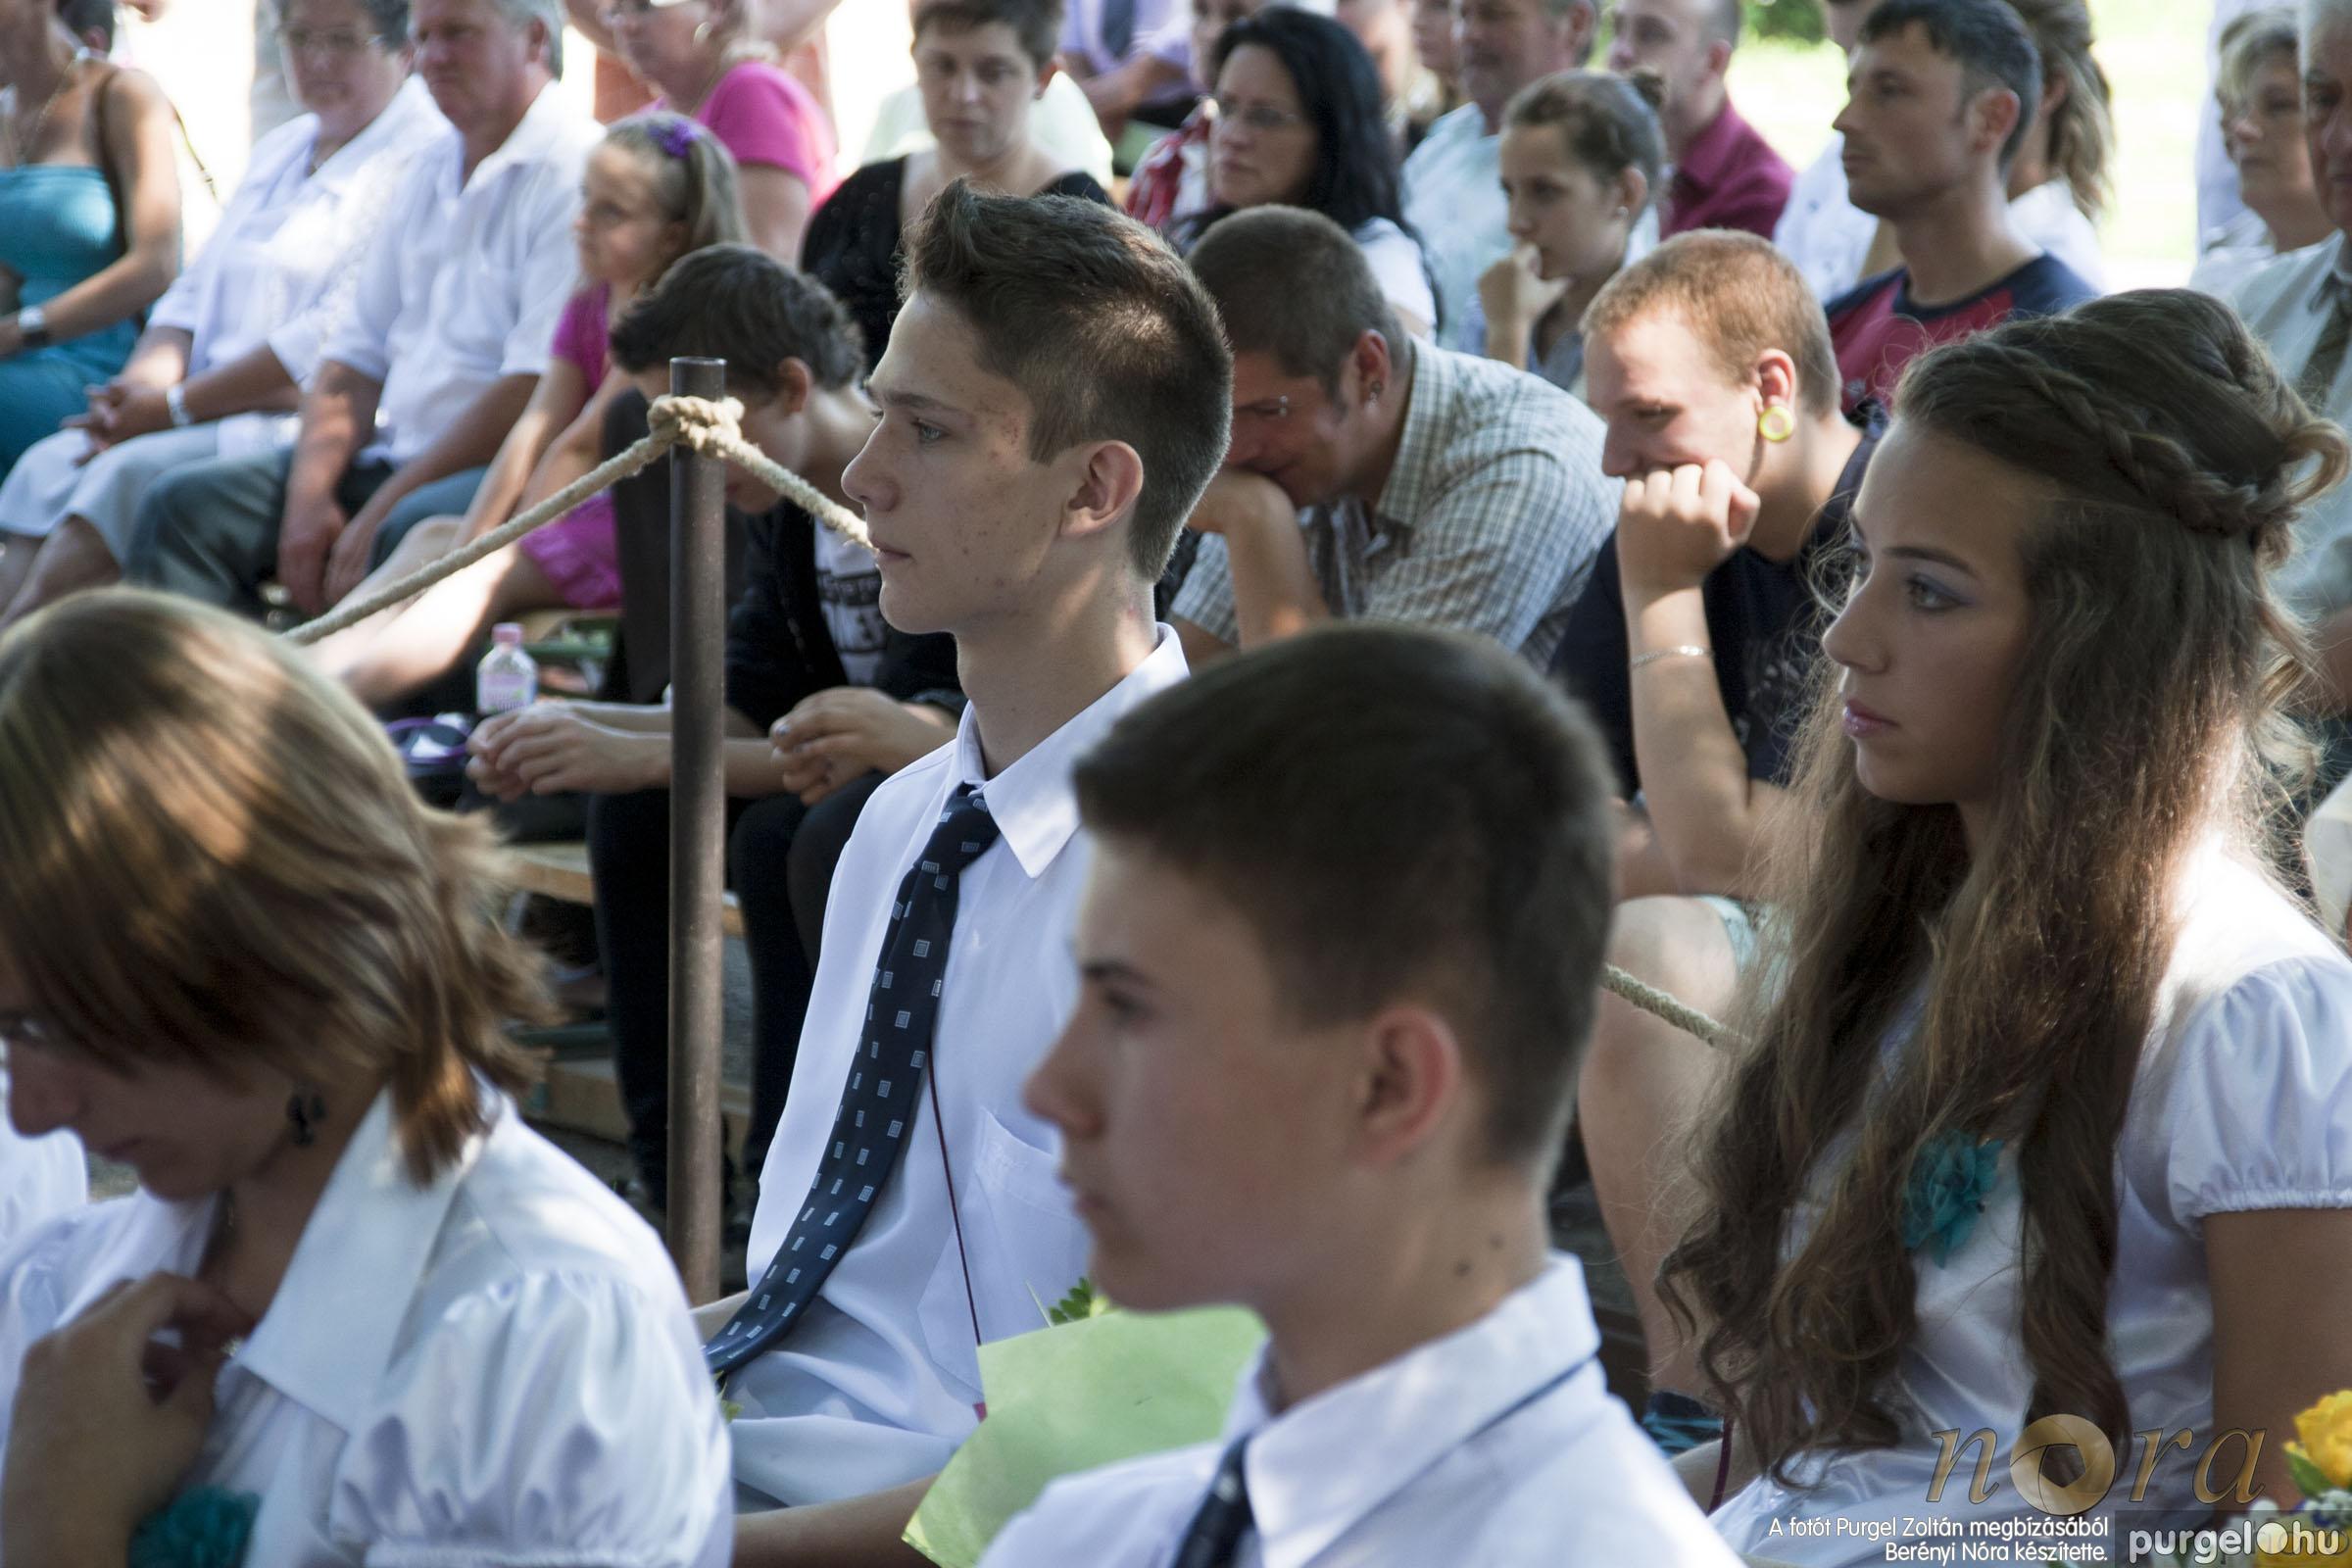 2013.06.15. 237 Forray Máté Általános Iskola ballagás 2013. - Fotó:BERÉNYI NÓRA© _MG_1298.JPG